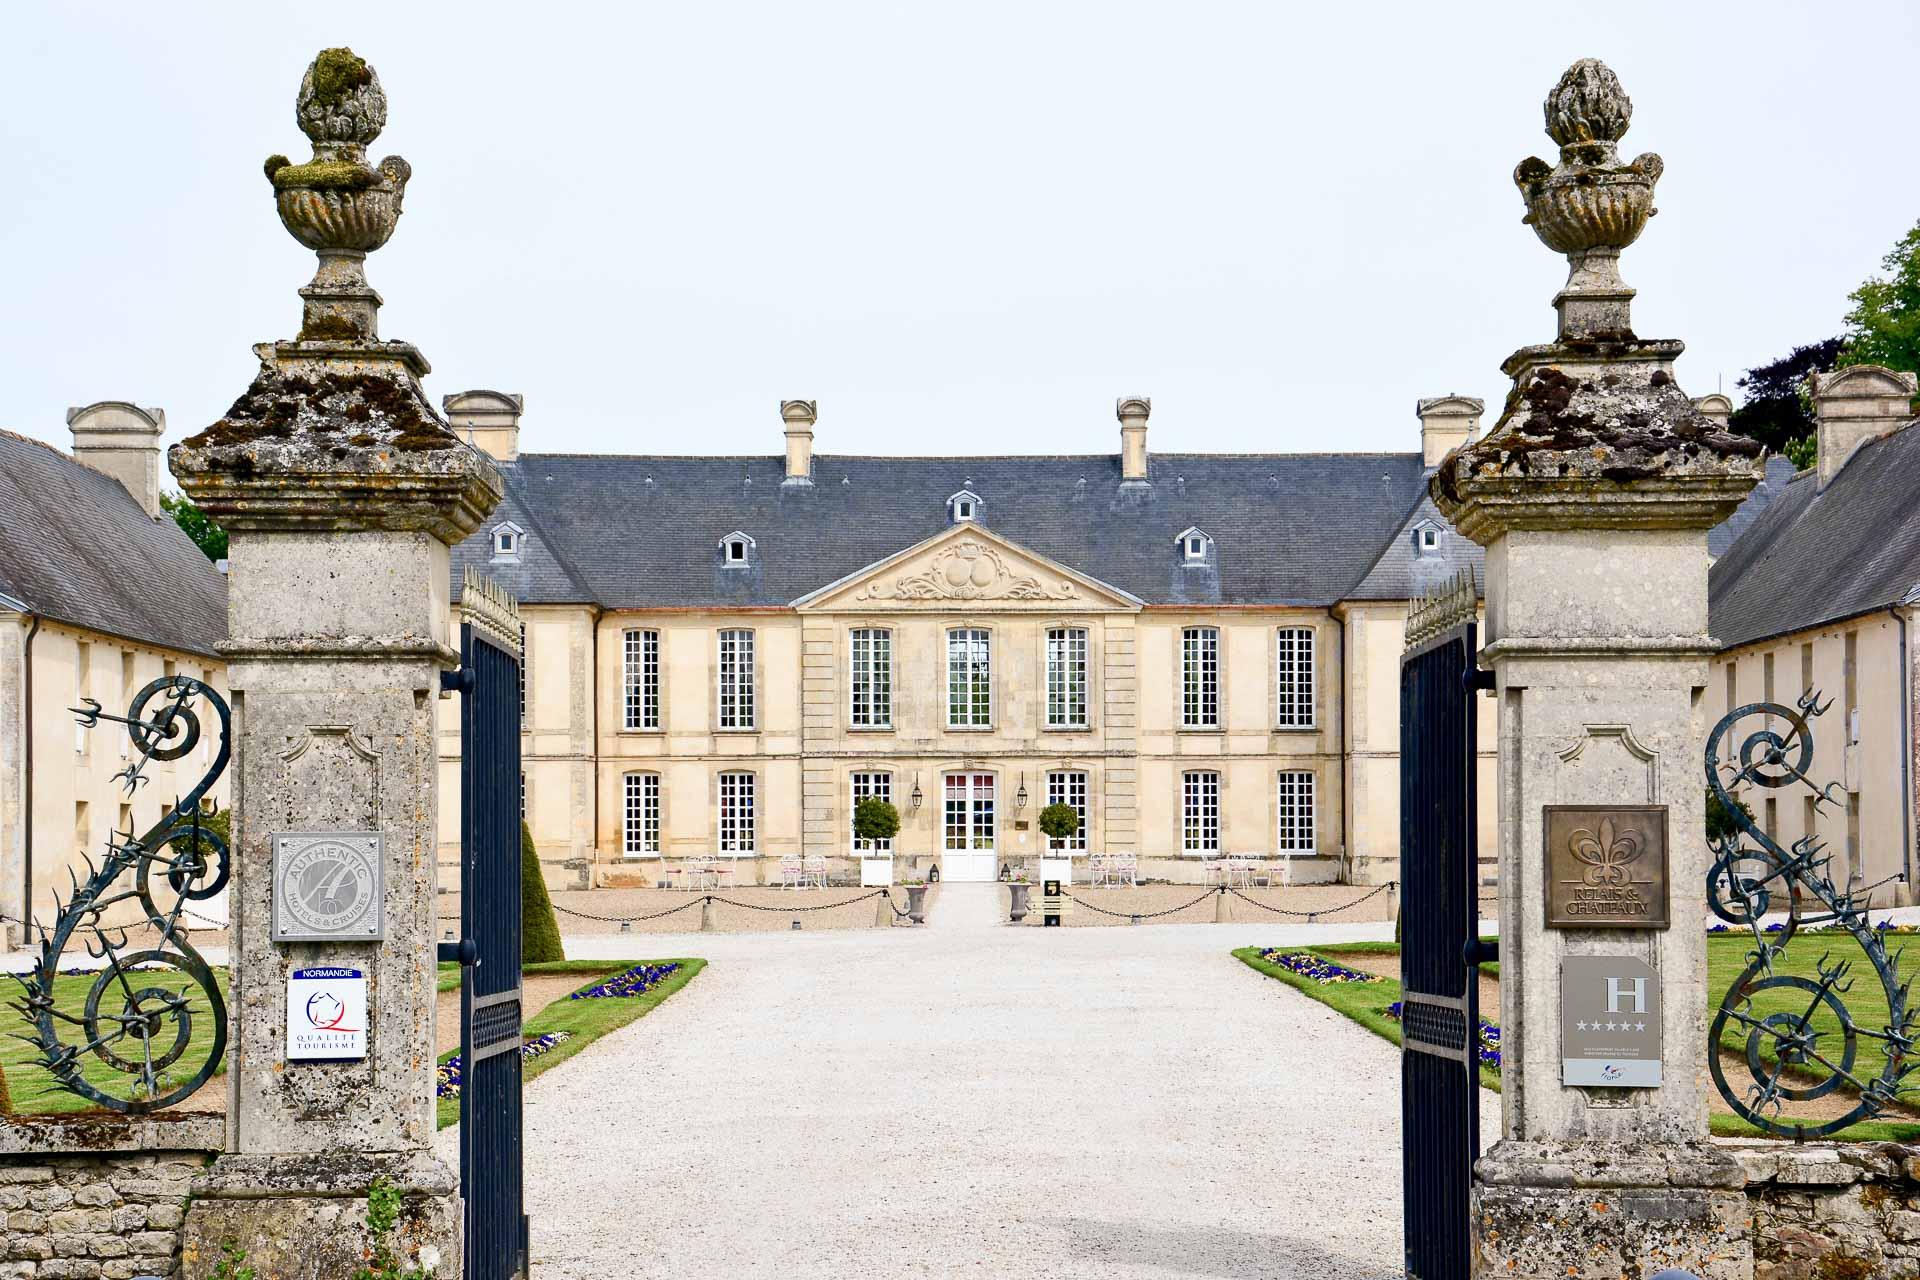 Entièrement rénové, le Château d'Audrieu, bâtisse historique du XVIIIème, dévoile de nouveaux intérieurs luxueux. Cet hôtel 5-étoiles, membre des Relais & Châteaux et de la naissante 2L Collection, est le point de chute idéal pour découvrir les plages du Débarquement, à mi-chemin entre Caen et Bayeux.